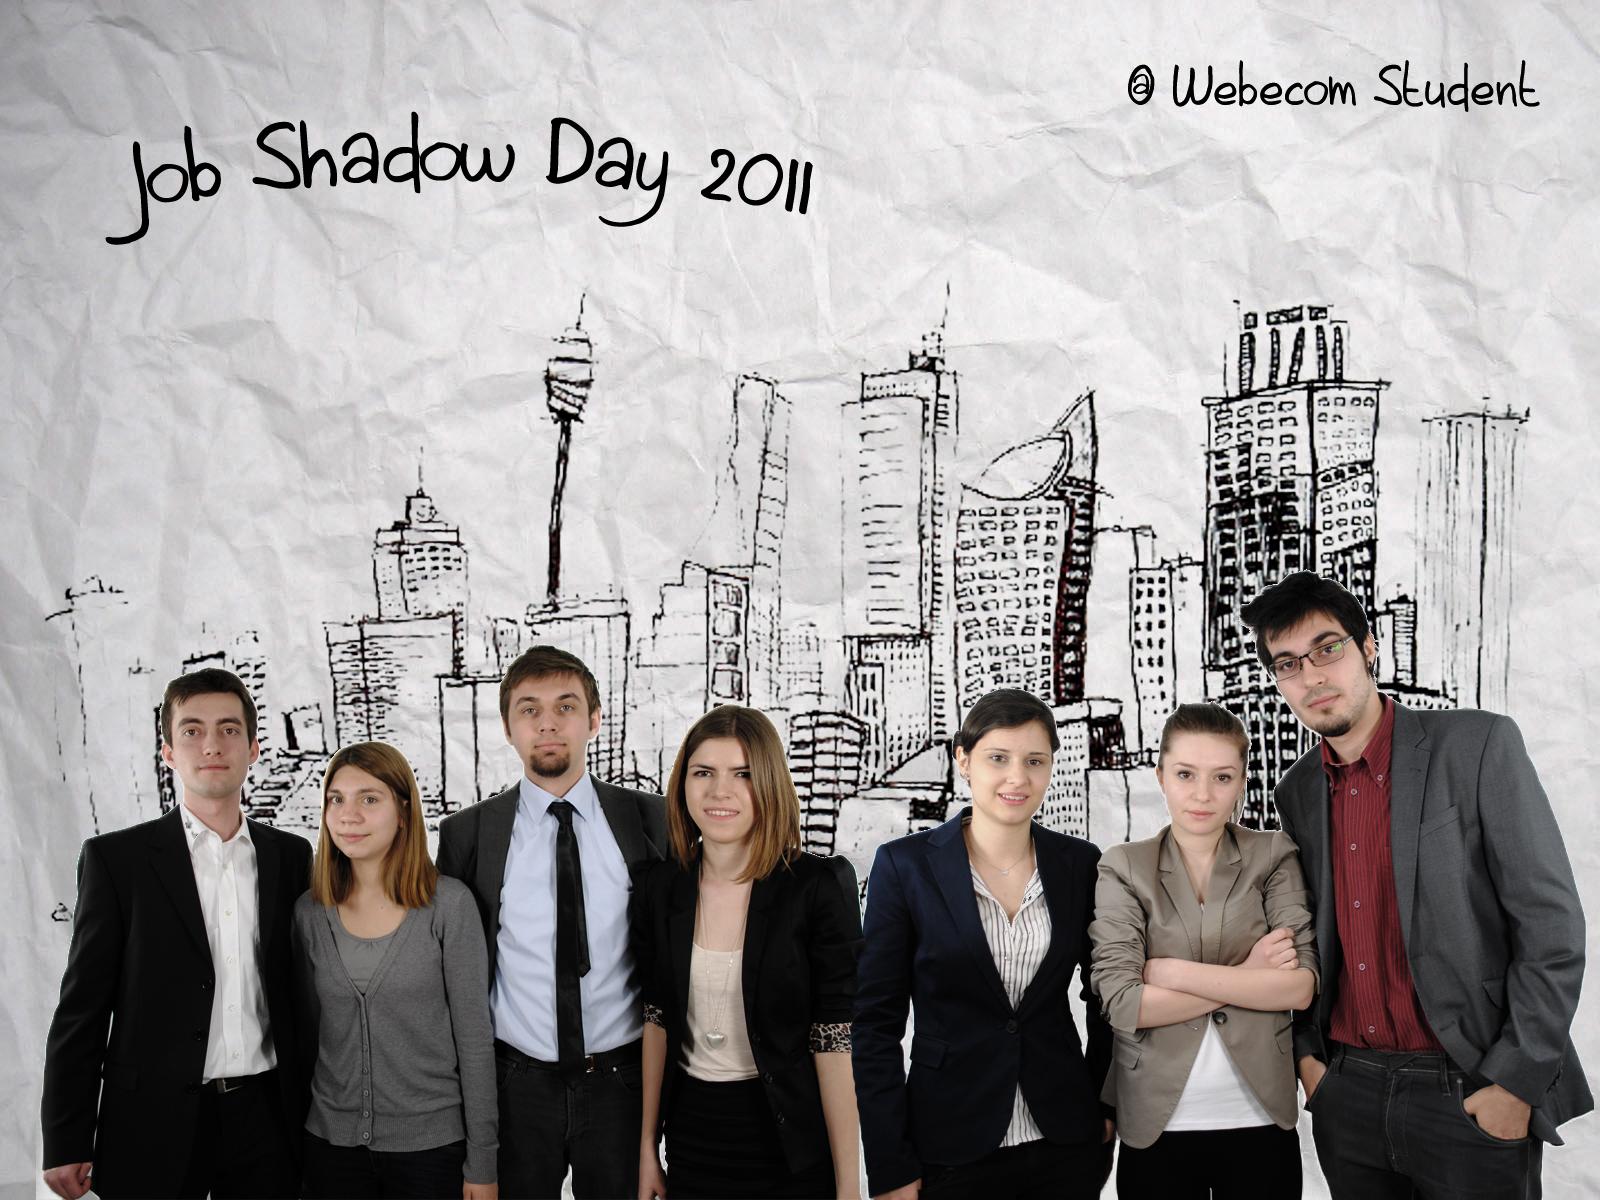 Job Shadow Day 2011